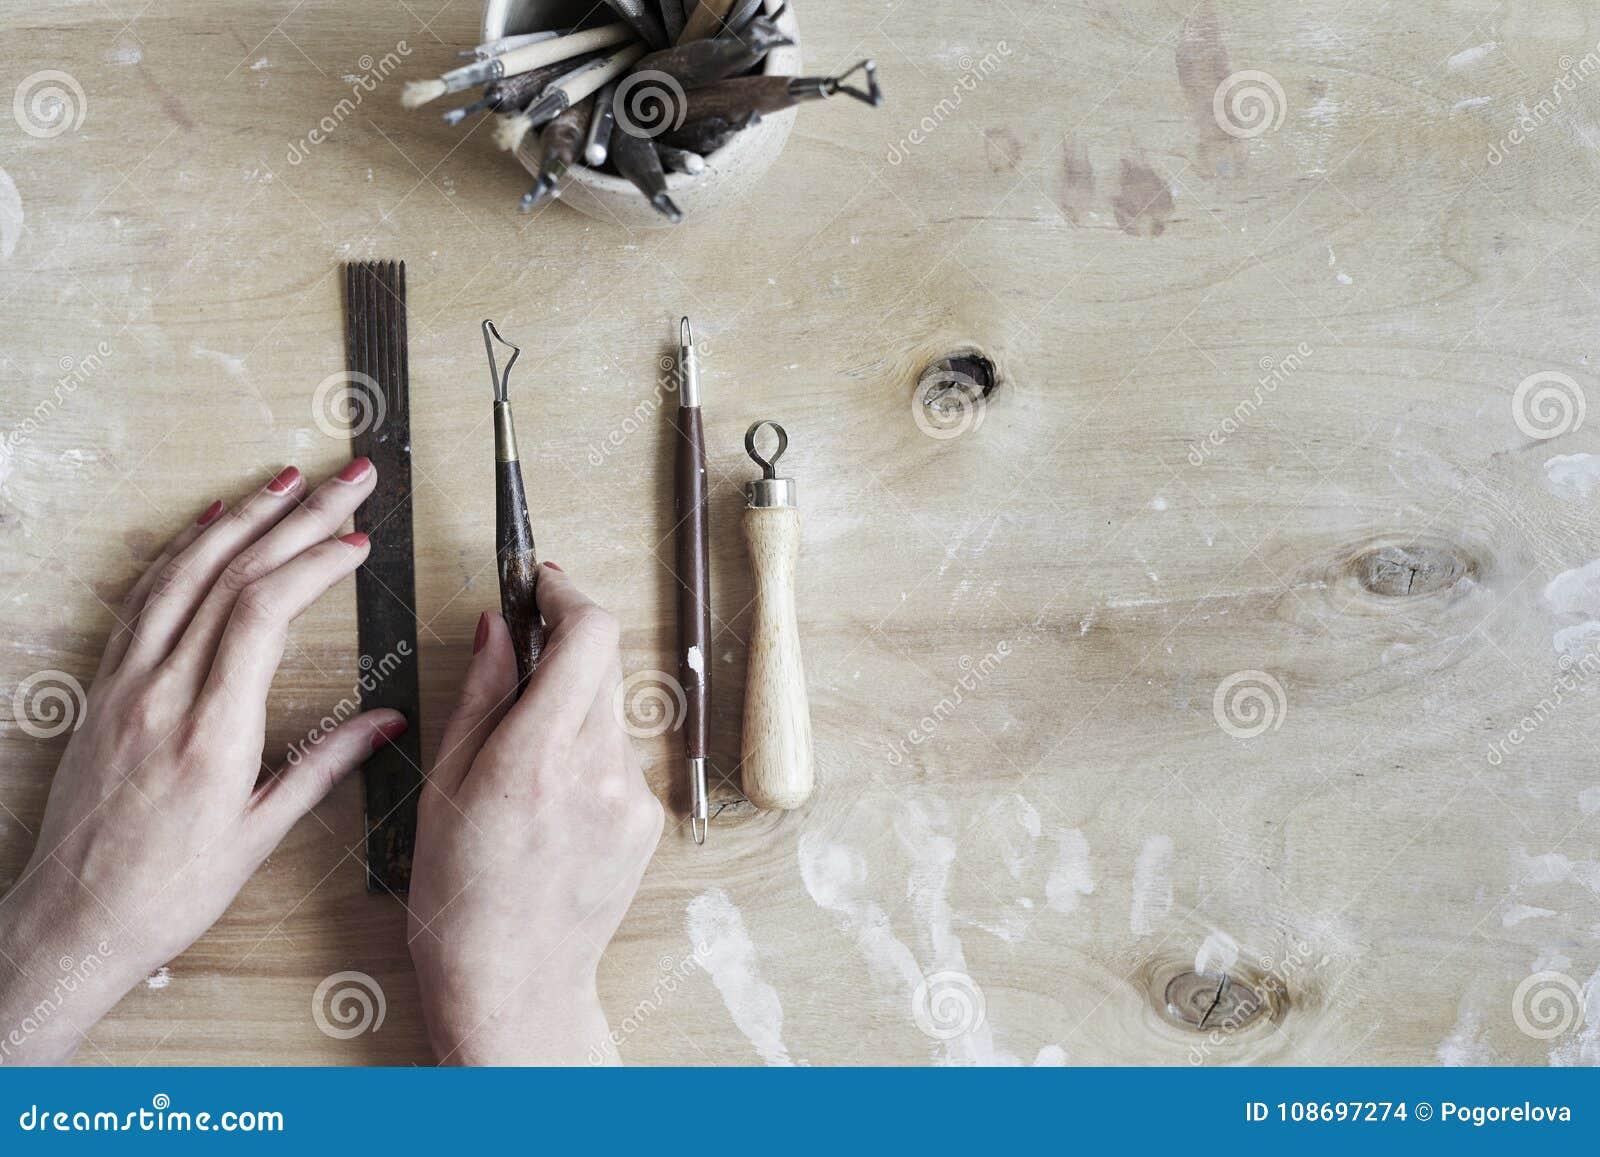 Strumenti Per Lavorare Il Legno : Attrezzi per lavorare il legno fai da te trendy labc delle